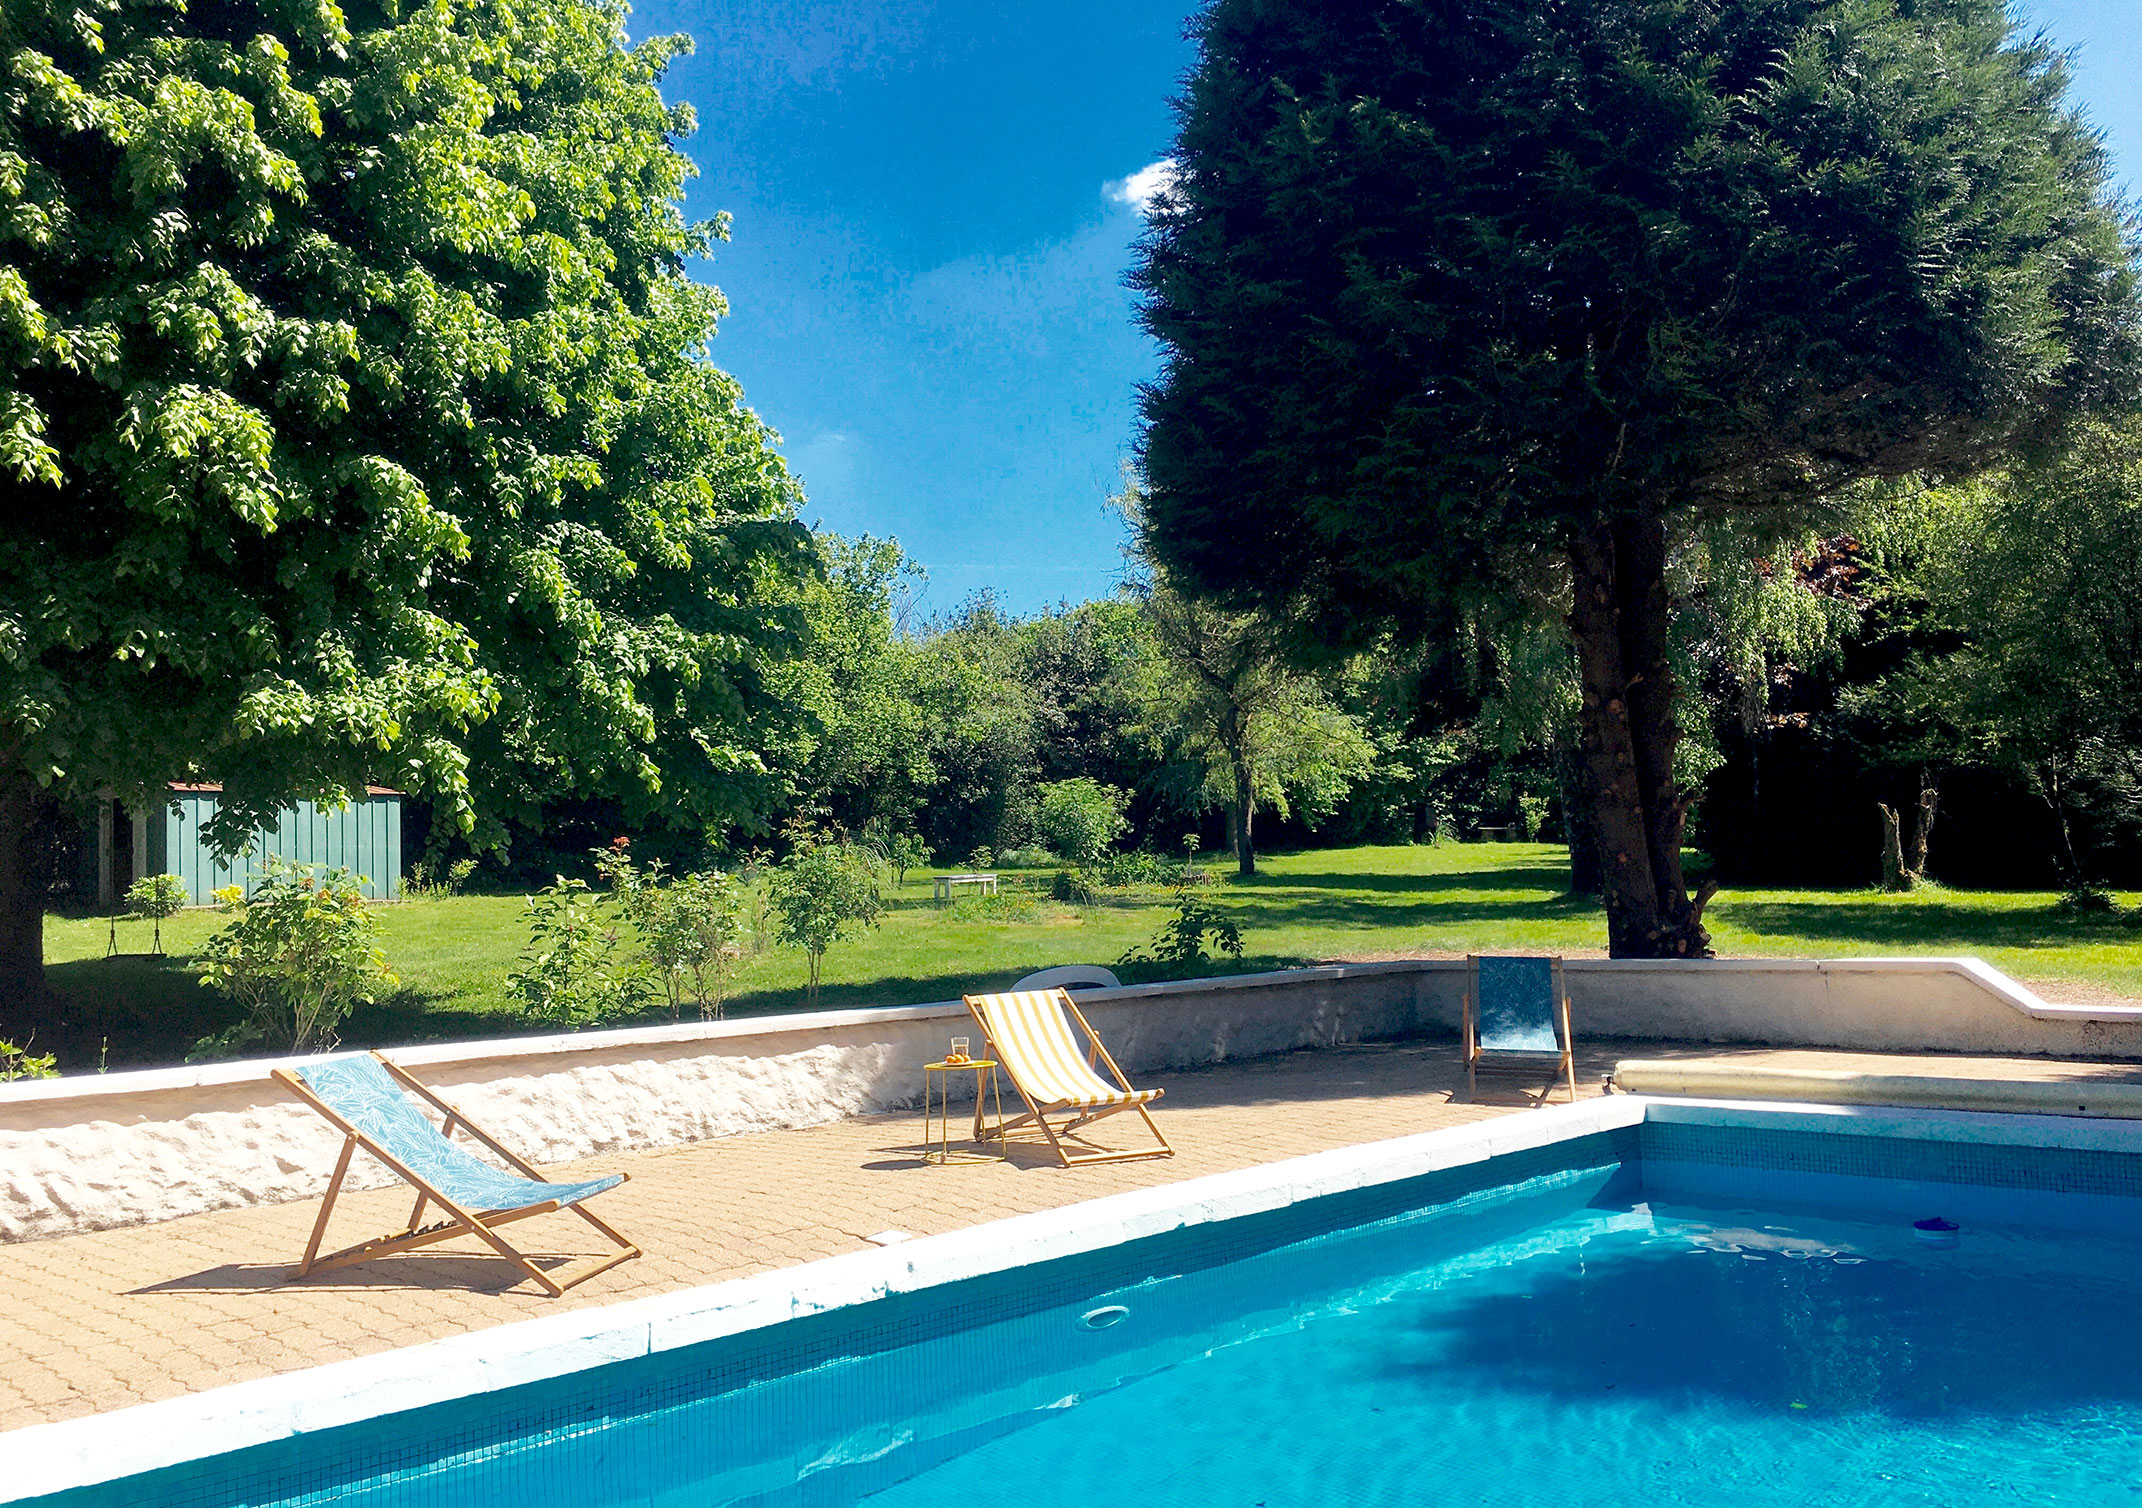 vacances-normandie-piscine-transat-detente-piscine